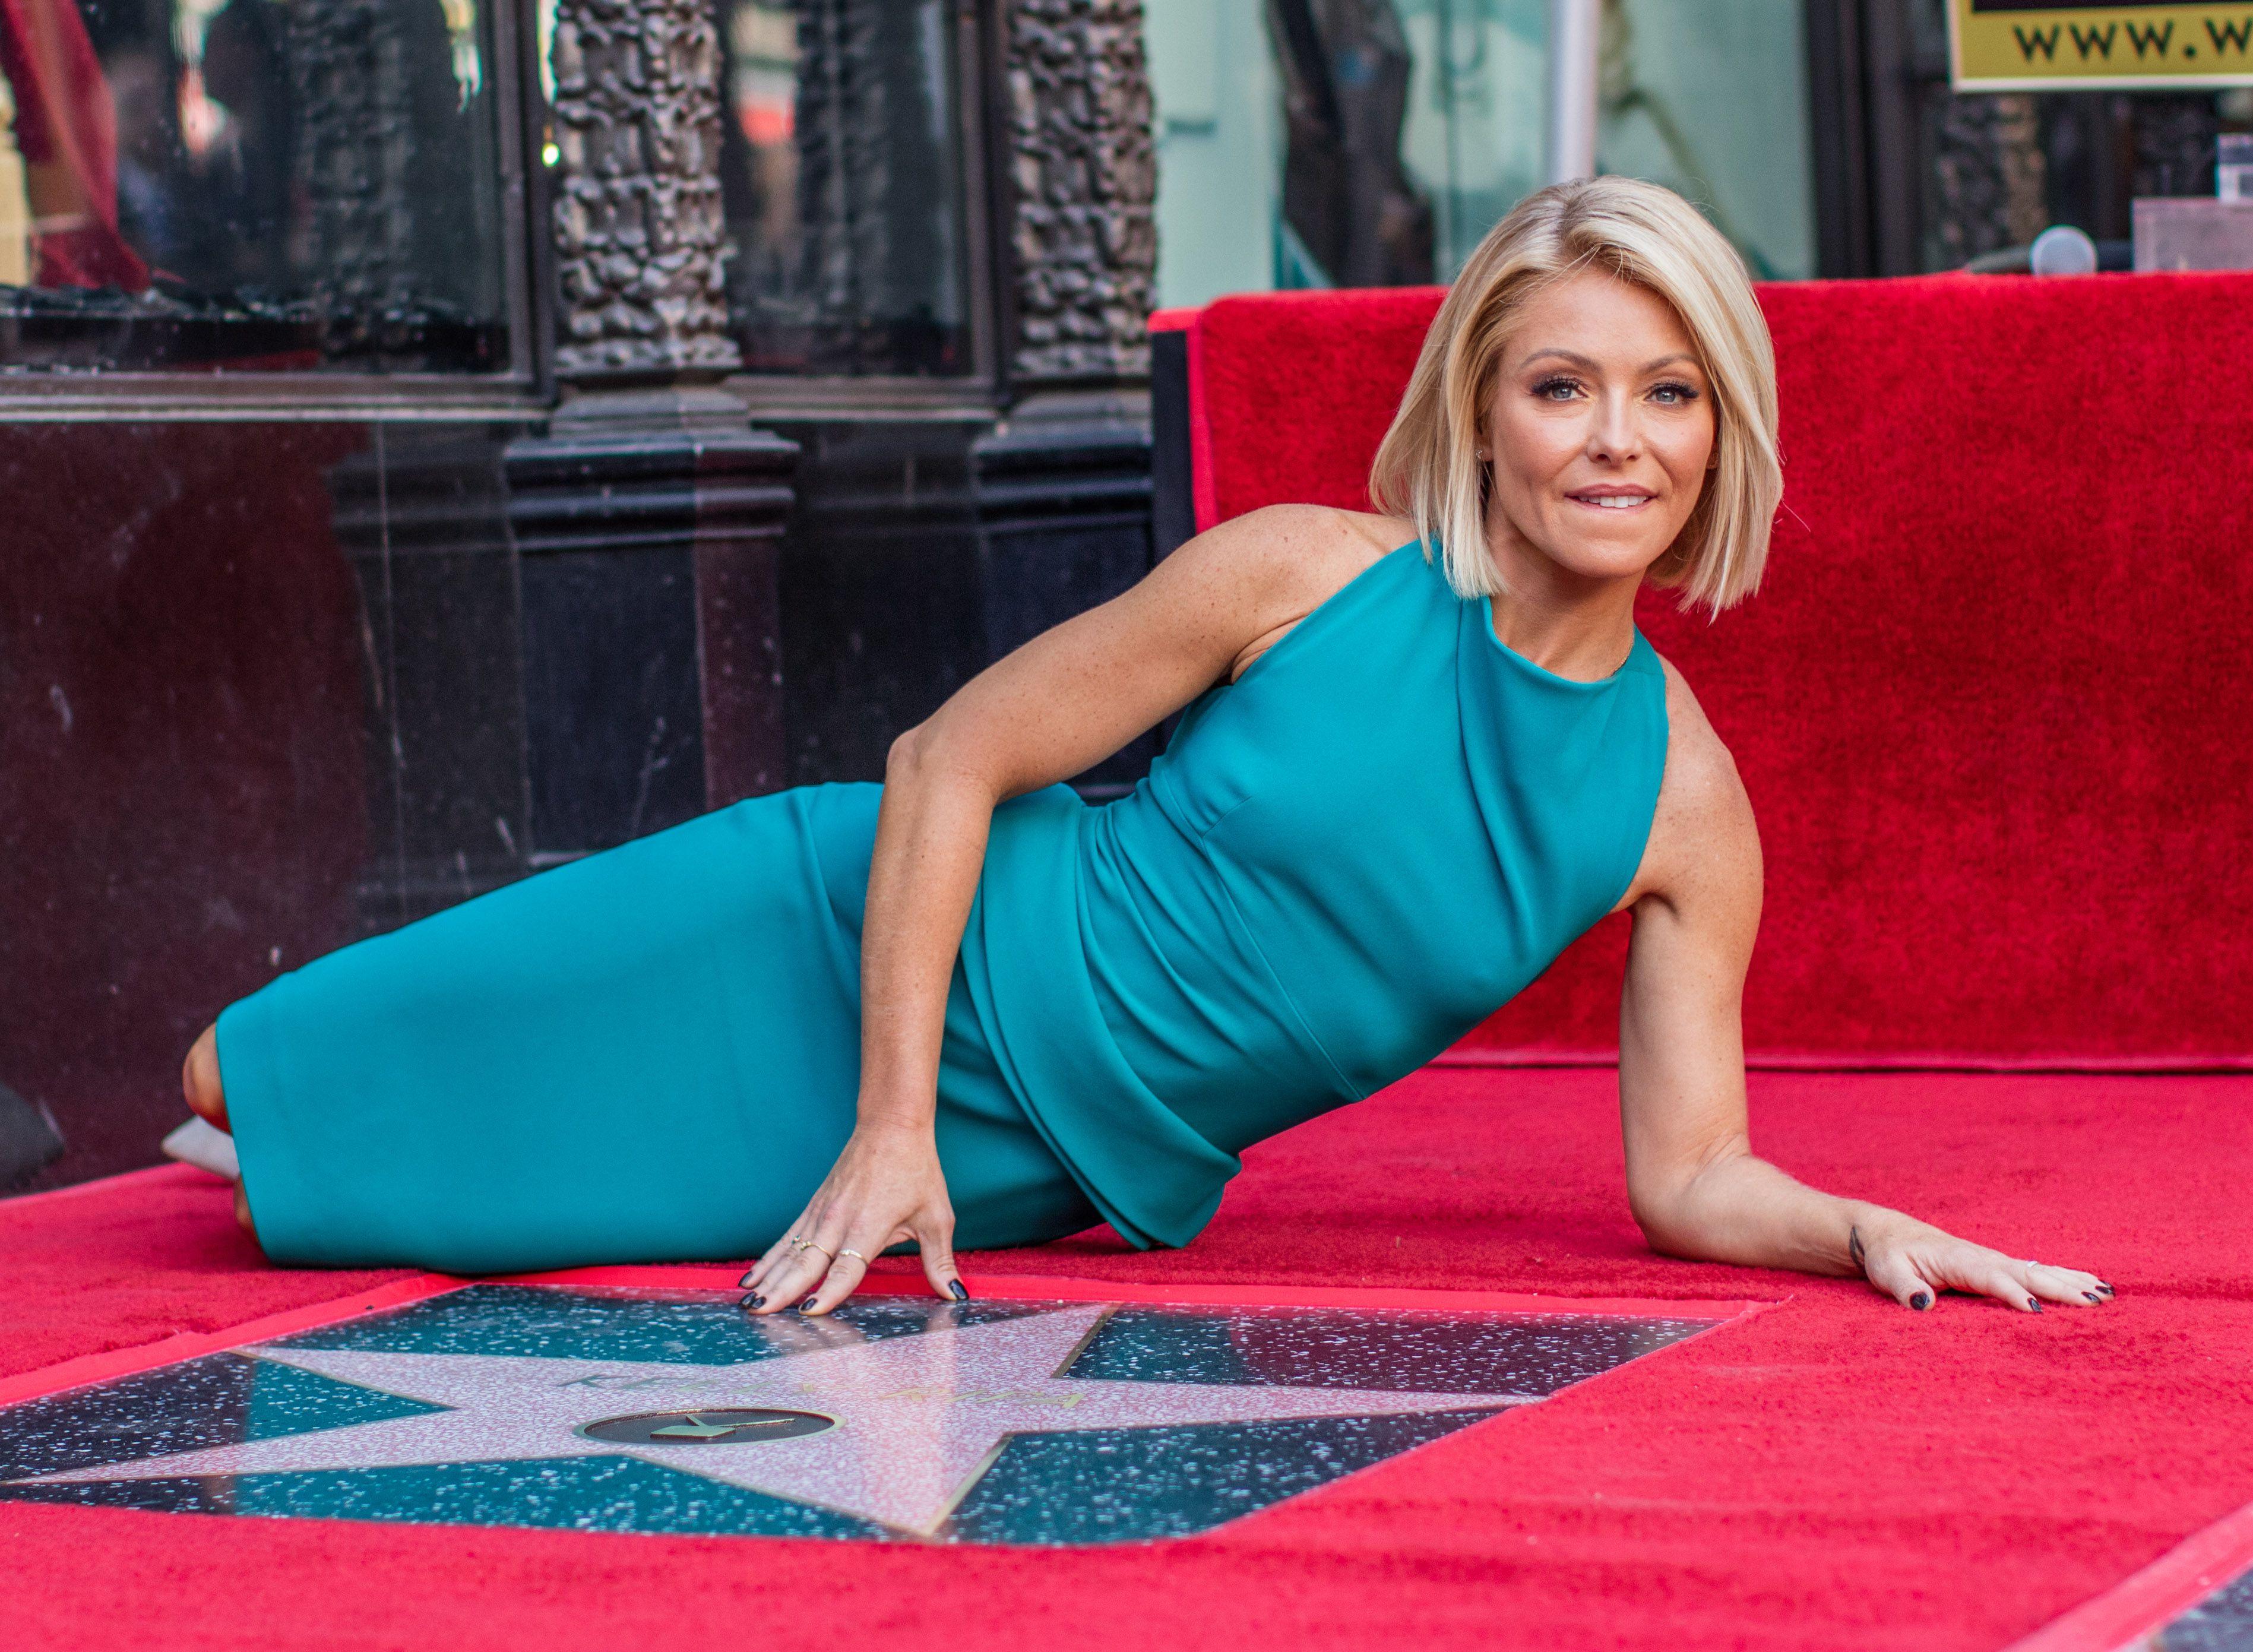 Talk show host Kelly Ripa